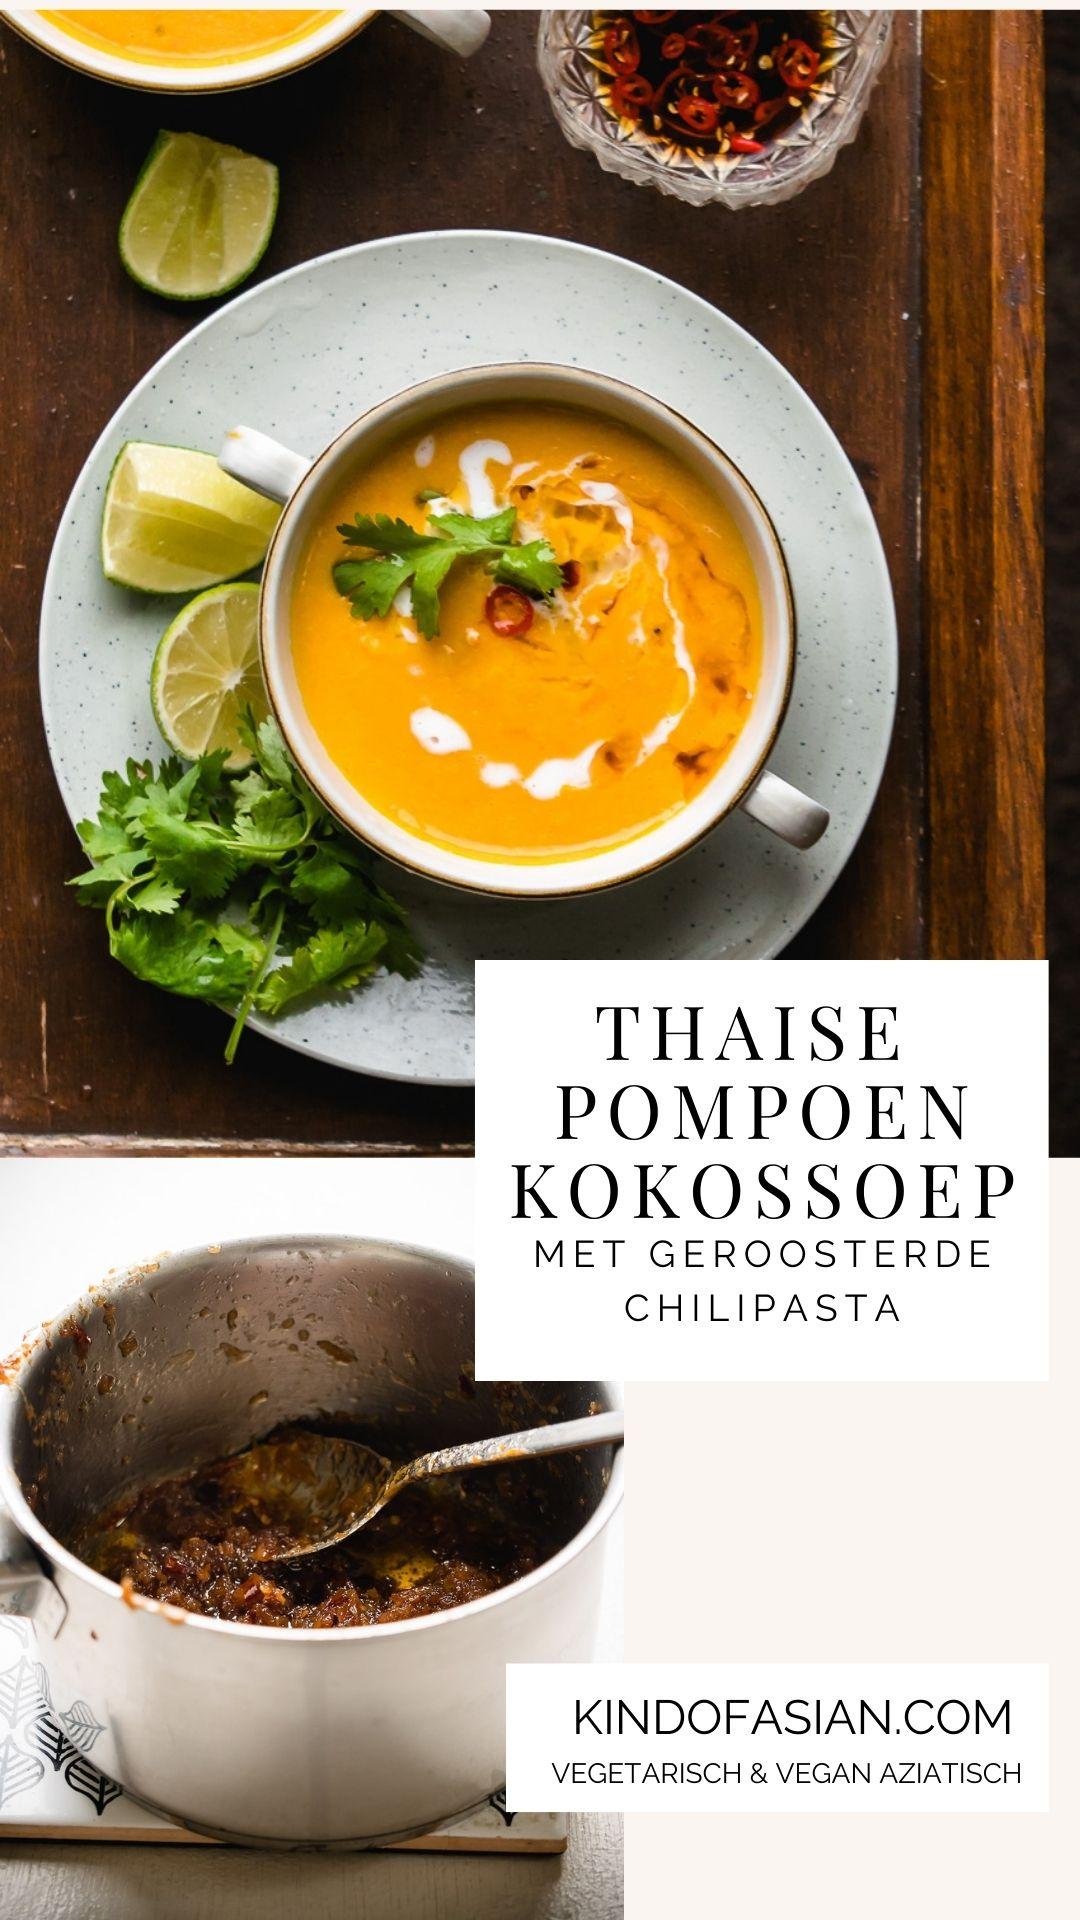 Pittige vegan Thaise soep met pompoen en kokosmelk heeft de heerlijke smaken van laos, citroengras en limoenblad. De stevige herfstsoep is voedzaam genoeg als avondeten. Of kook minder pompoen mee dan in het recept aangegeven en serveer als vegan/ vegetarisch voorgerecht. #herfstrecept #tomkha #vegetarisch #kokos